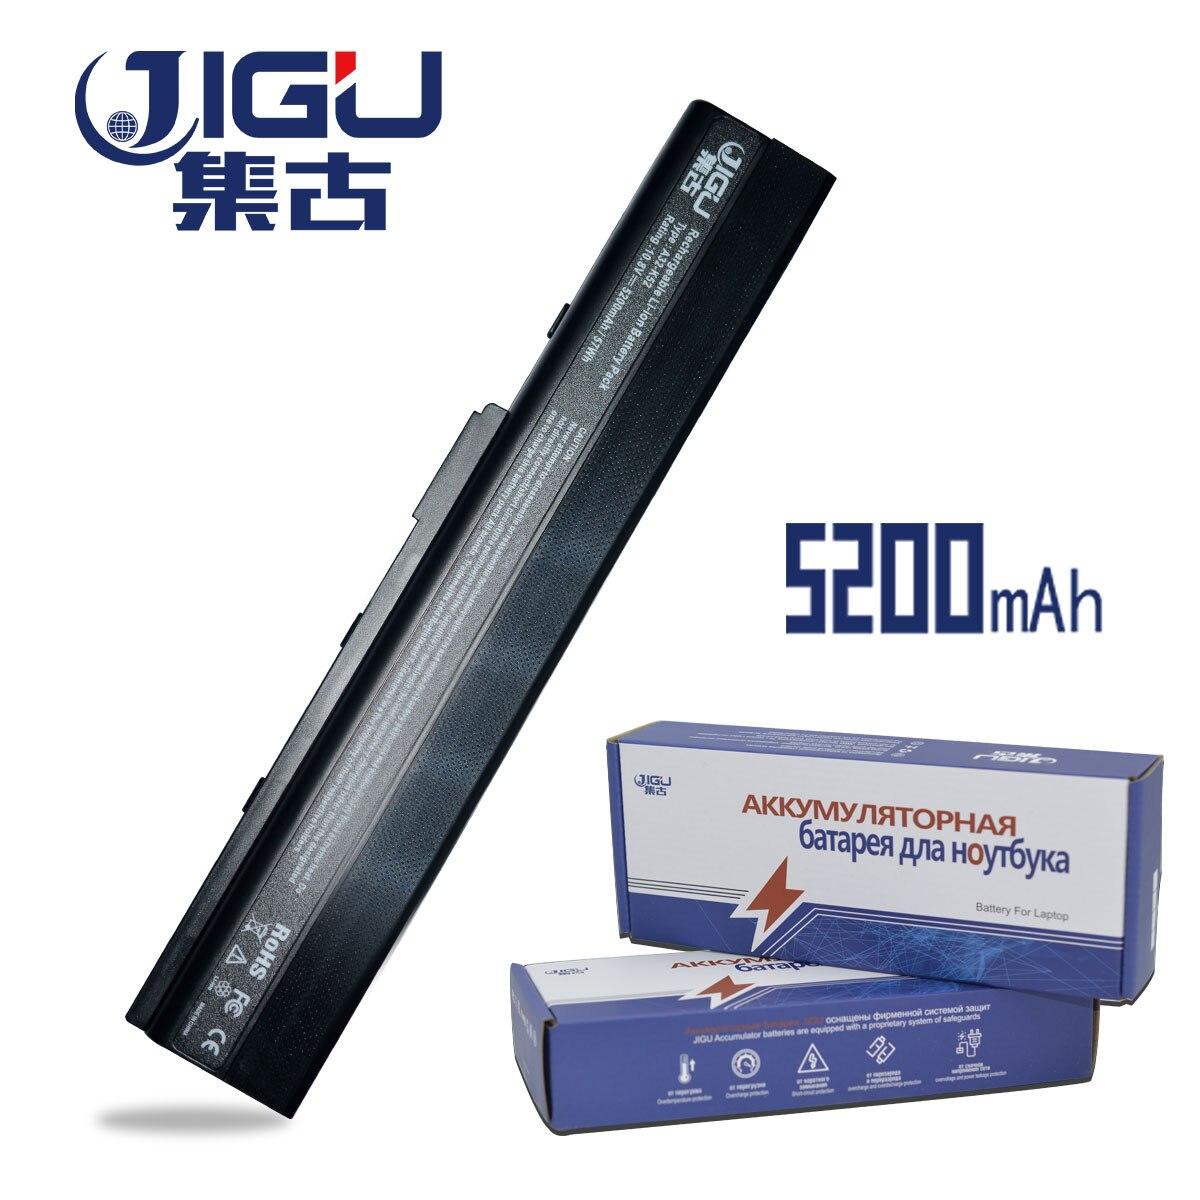 JIGU Haute Qualiy Batterie D'ordinateur Portable Pour Asus K52J K52JB K52JC K52JE K52JK K52JR K52N K52D K52DE K52DR K52F K62 K62F k62J K62JR N82